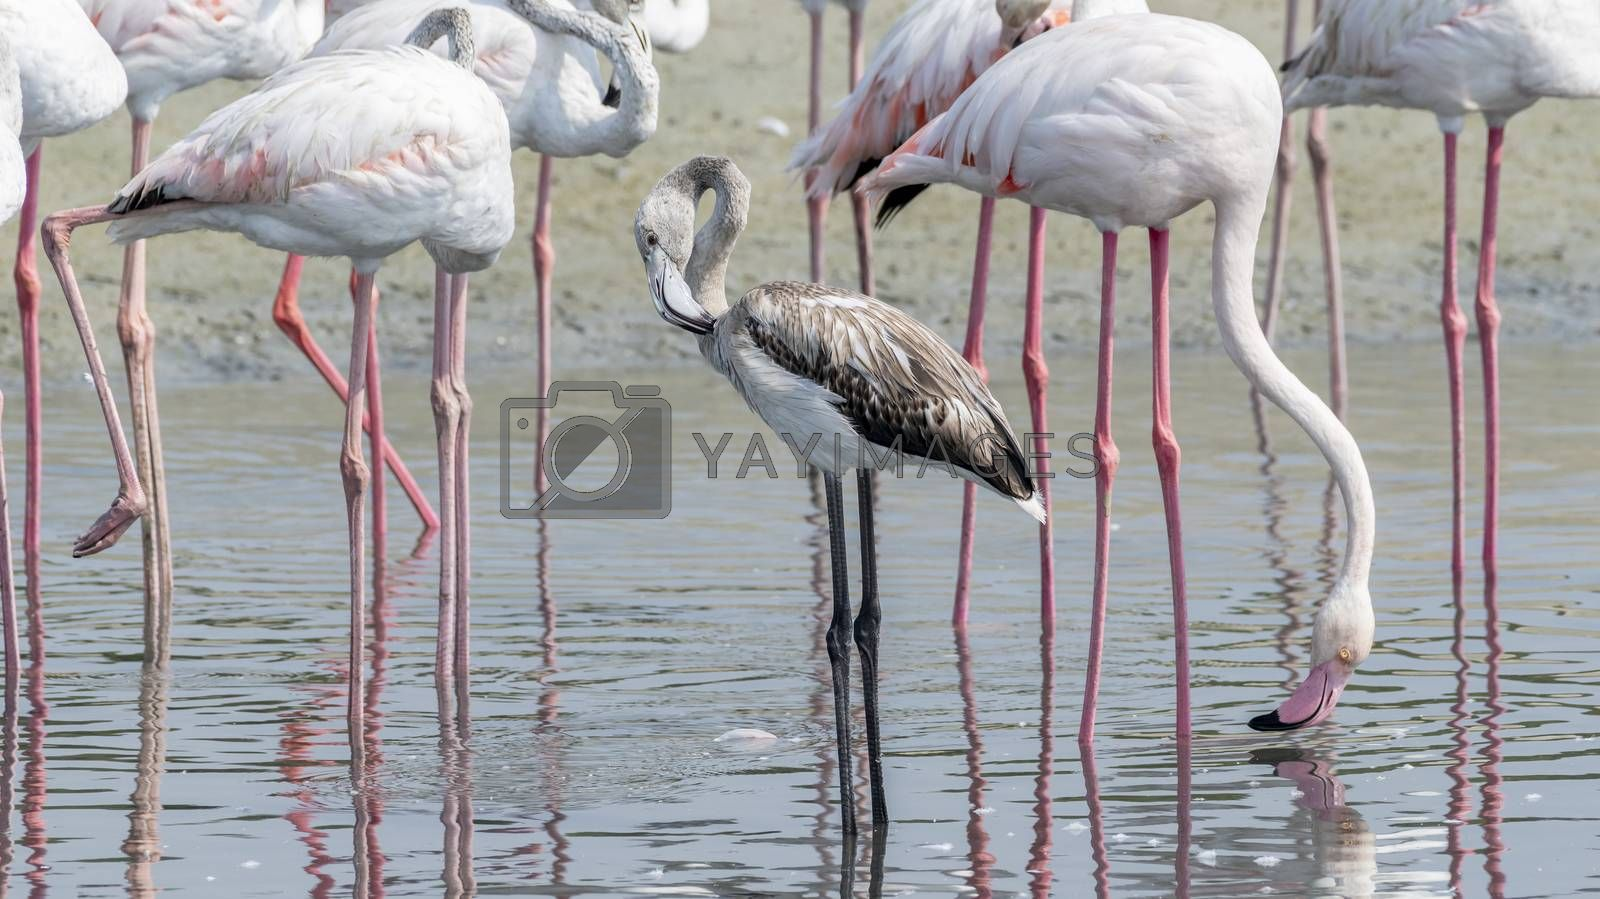 Juvenile Greater Flamingo in a the wetlands of Dubai, United Arab Emirates (UAE), Middle East, Arabian Peninsula